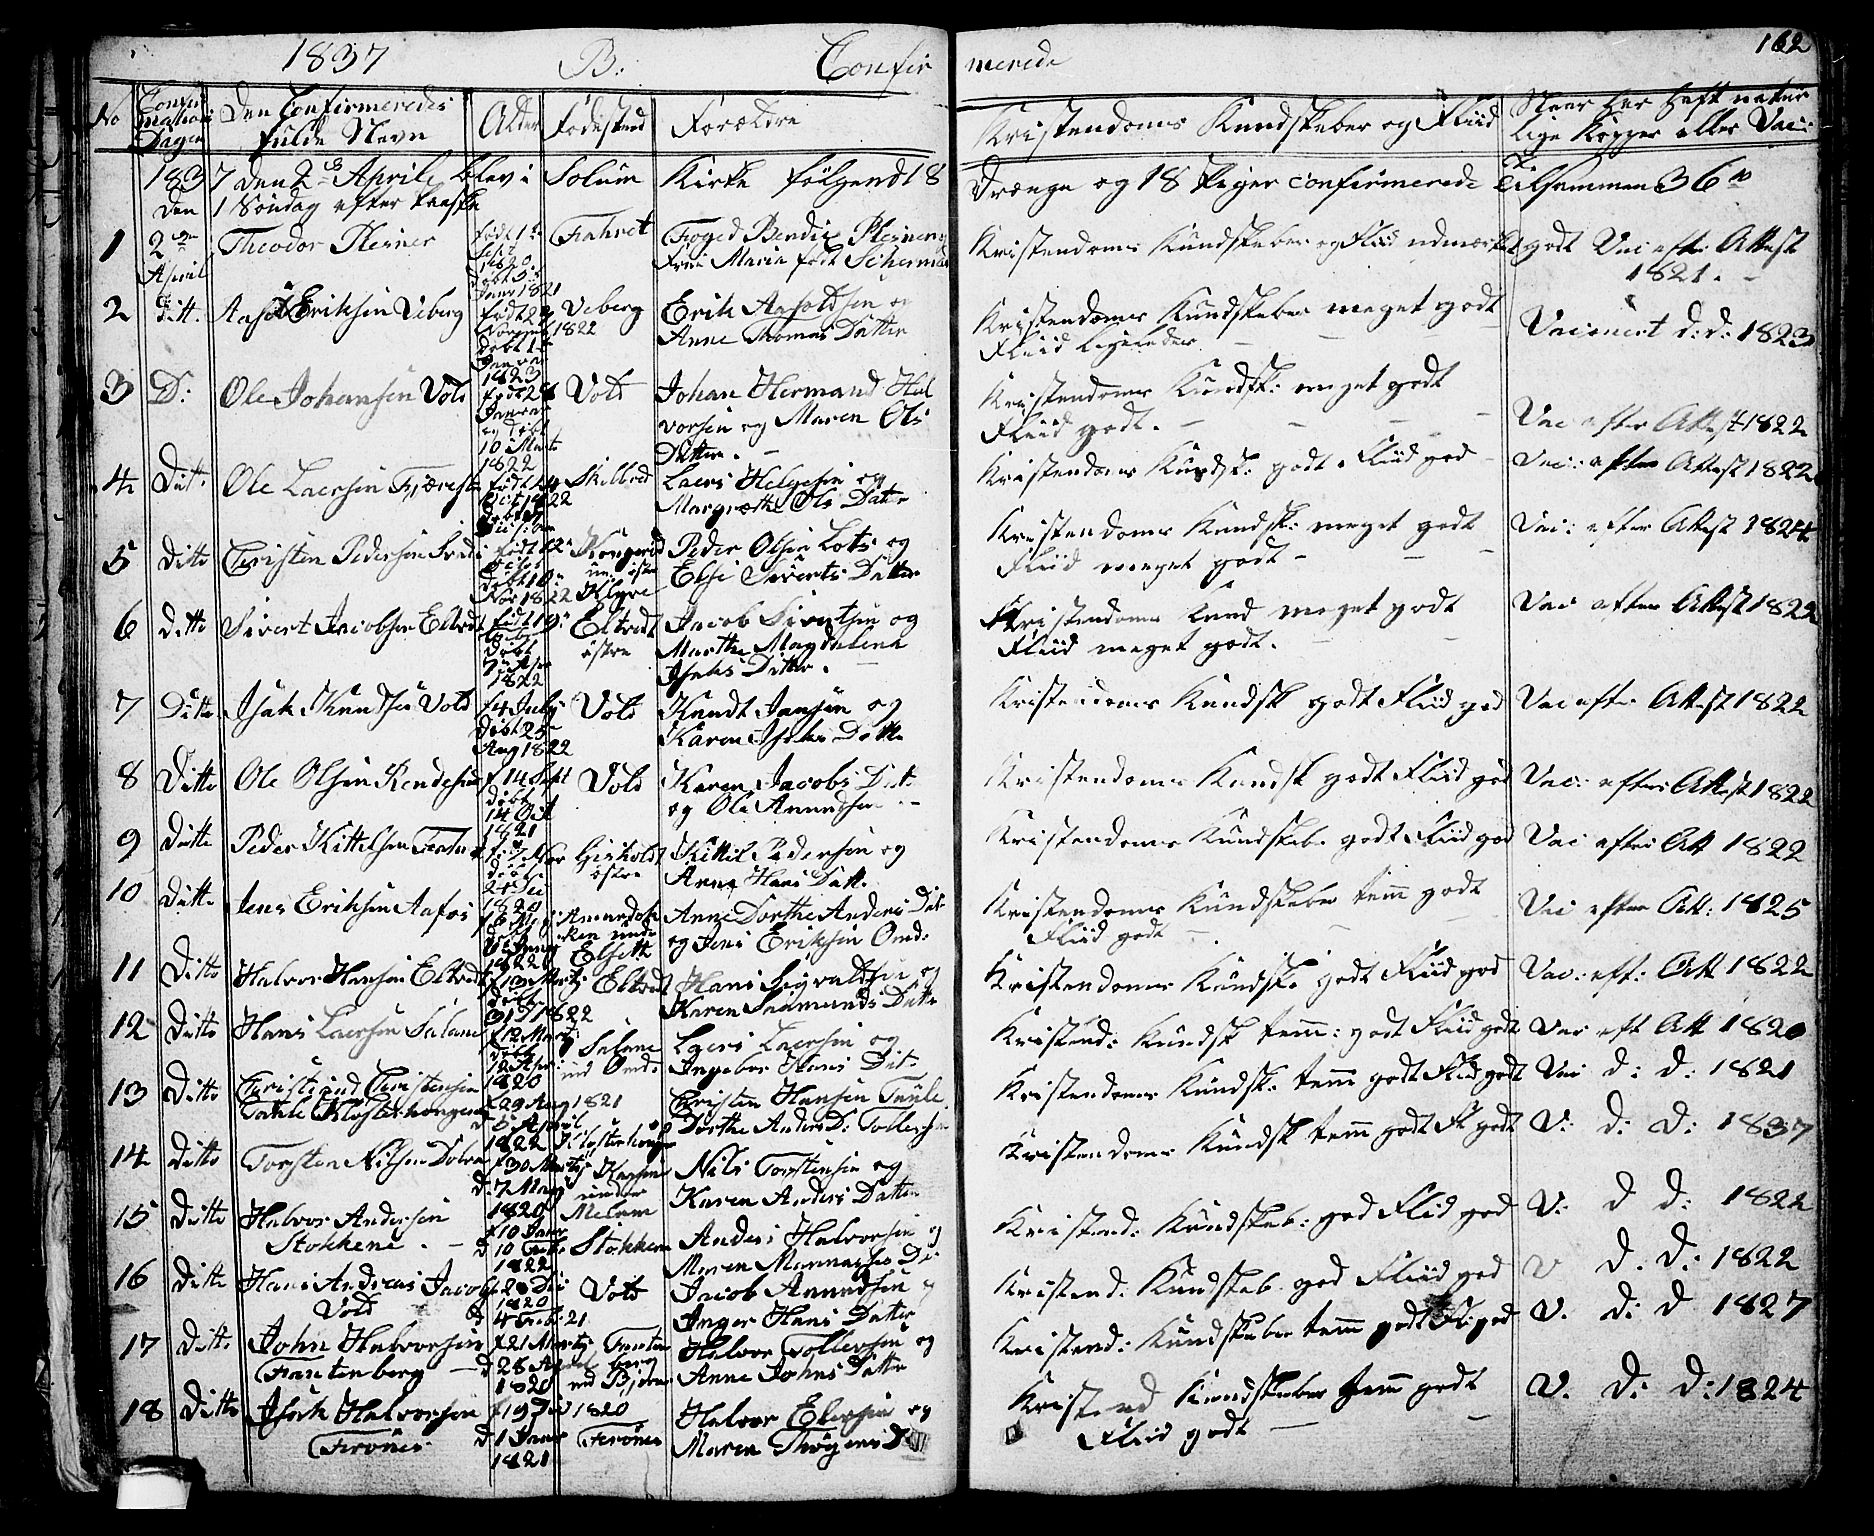 SAKO, Solum kirkebøker, G/Ga/L0002: Klokkerbok nr. I 2, 1834-1848, s. 162